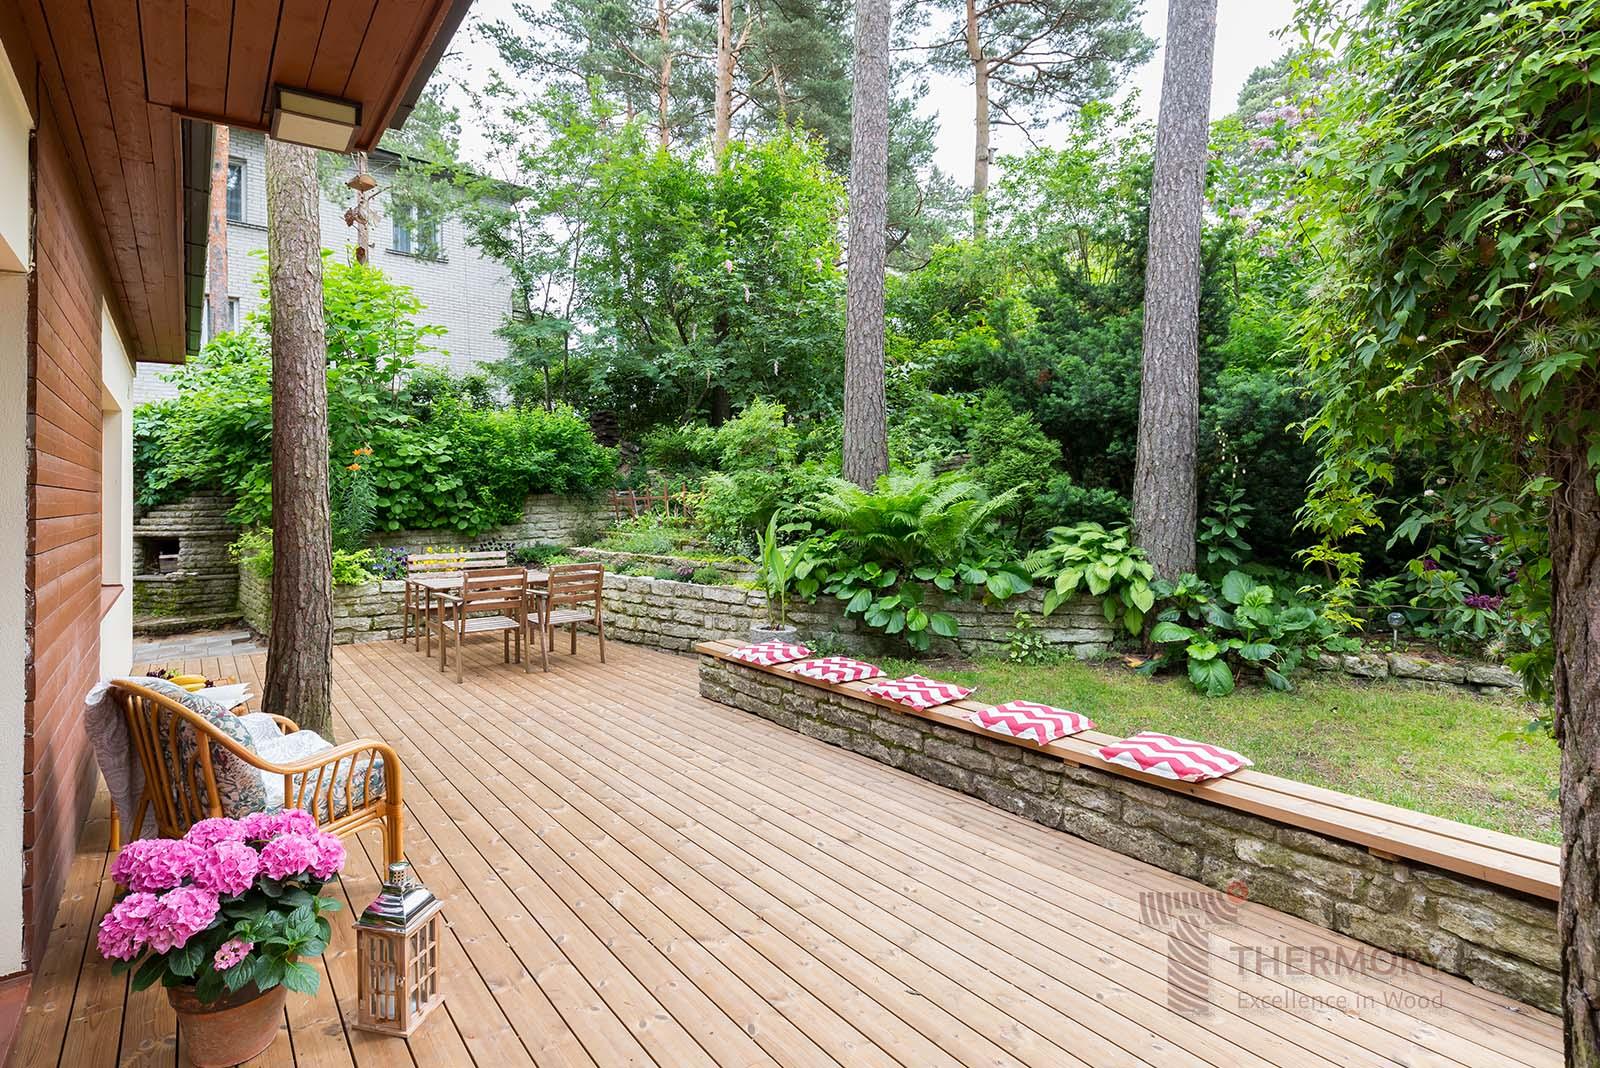 Thermory Pine Decking_D45J 26x118_PaCS_Estonia_wm(18).jpg